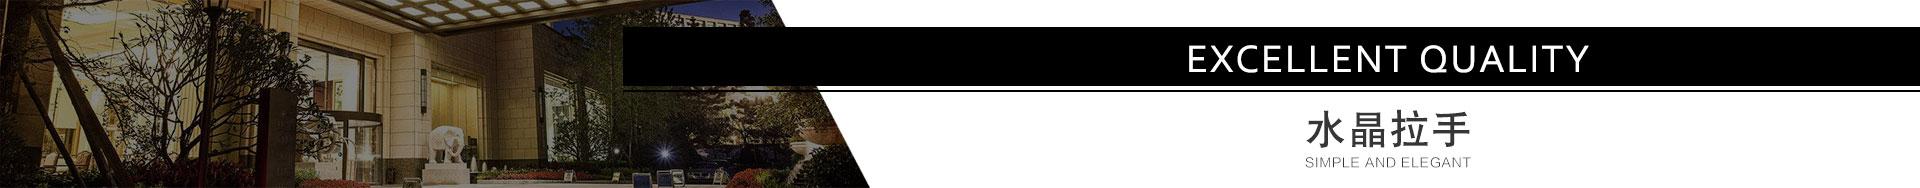 水晶拉手-777遊戲有限公司